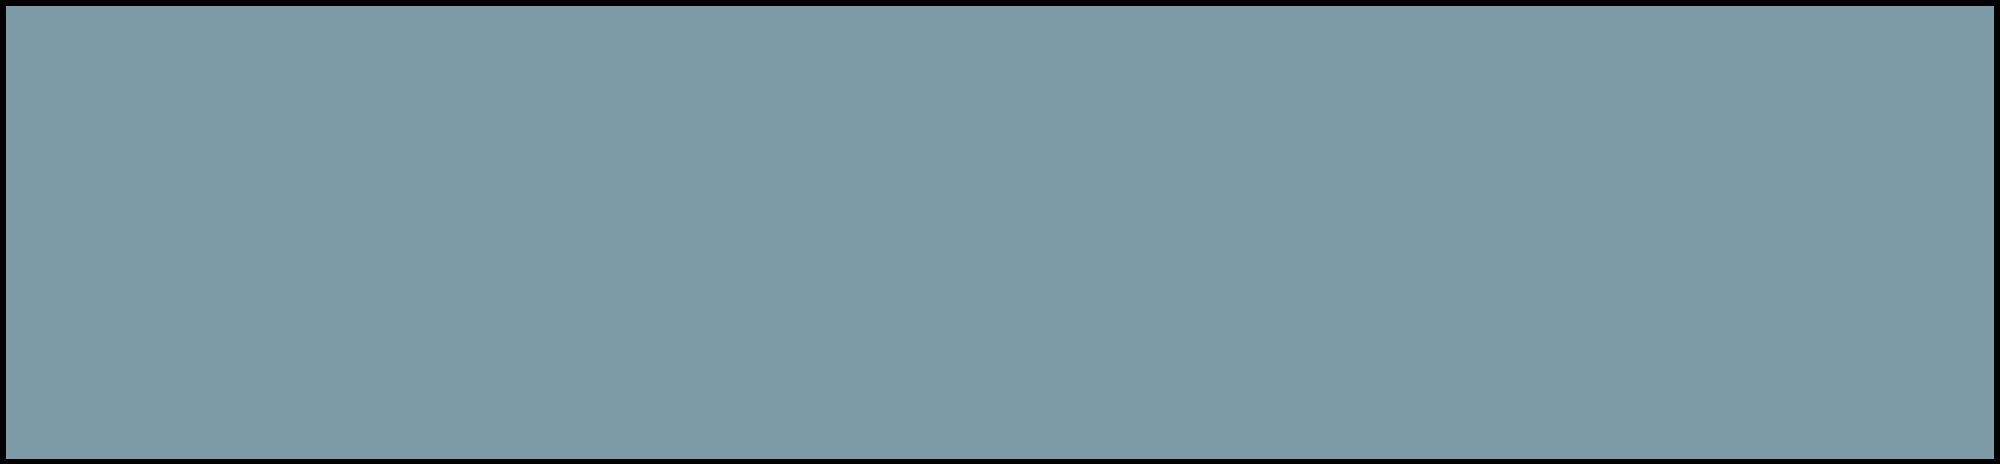 Gartner logo color.png